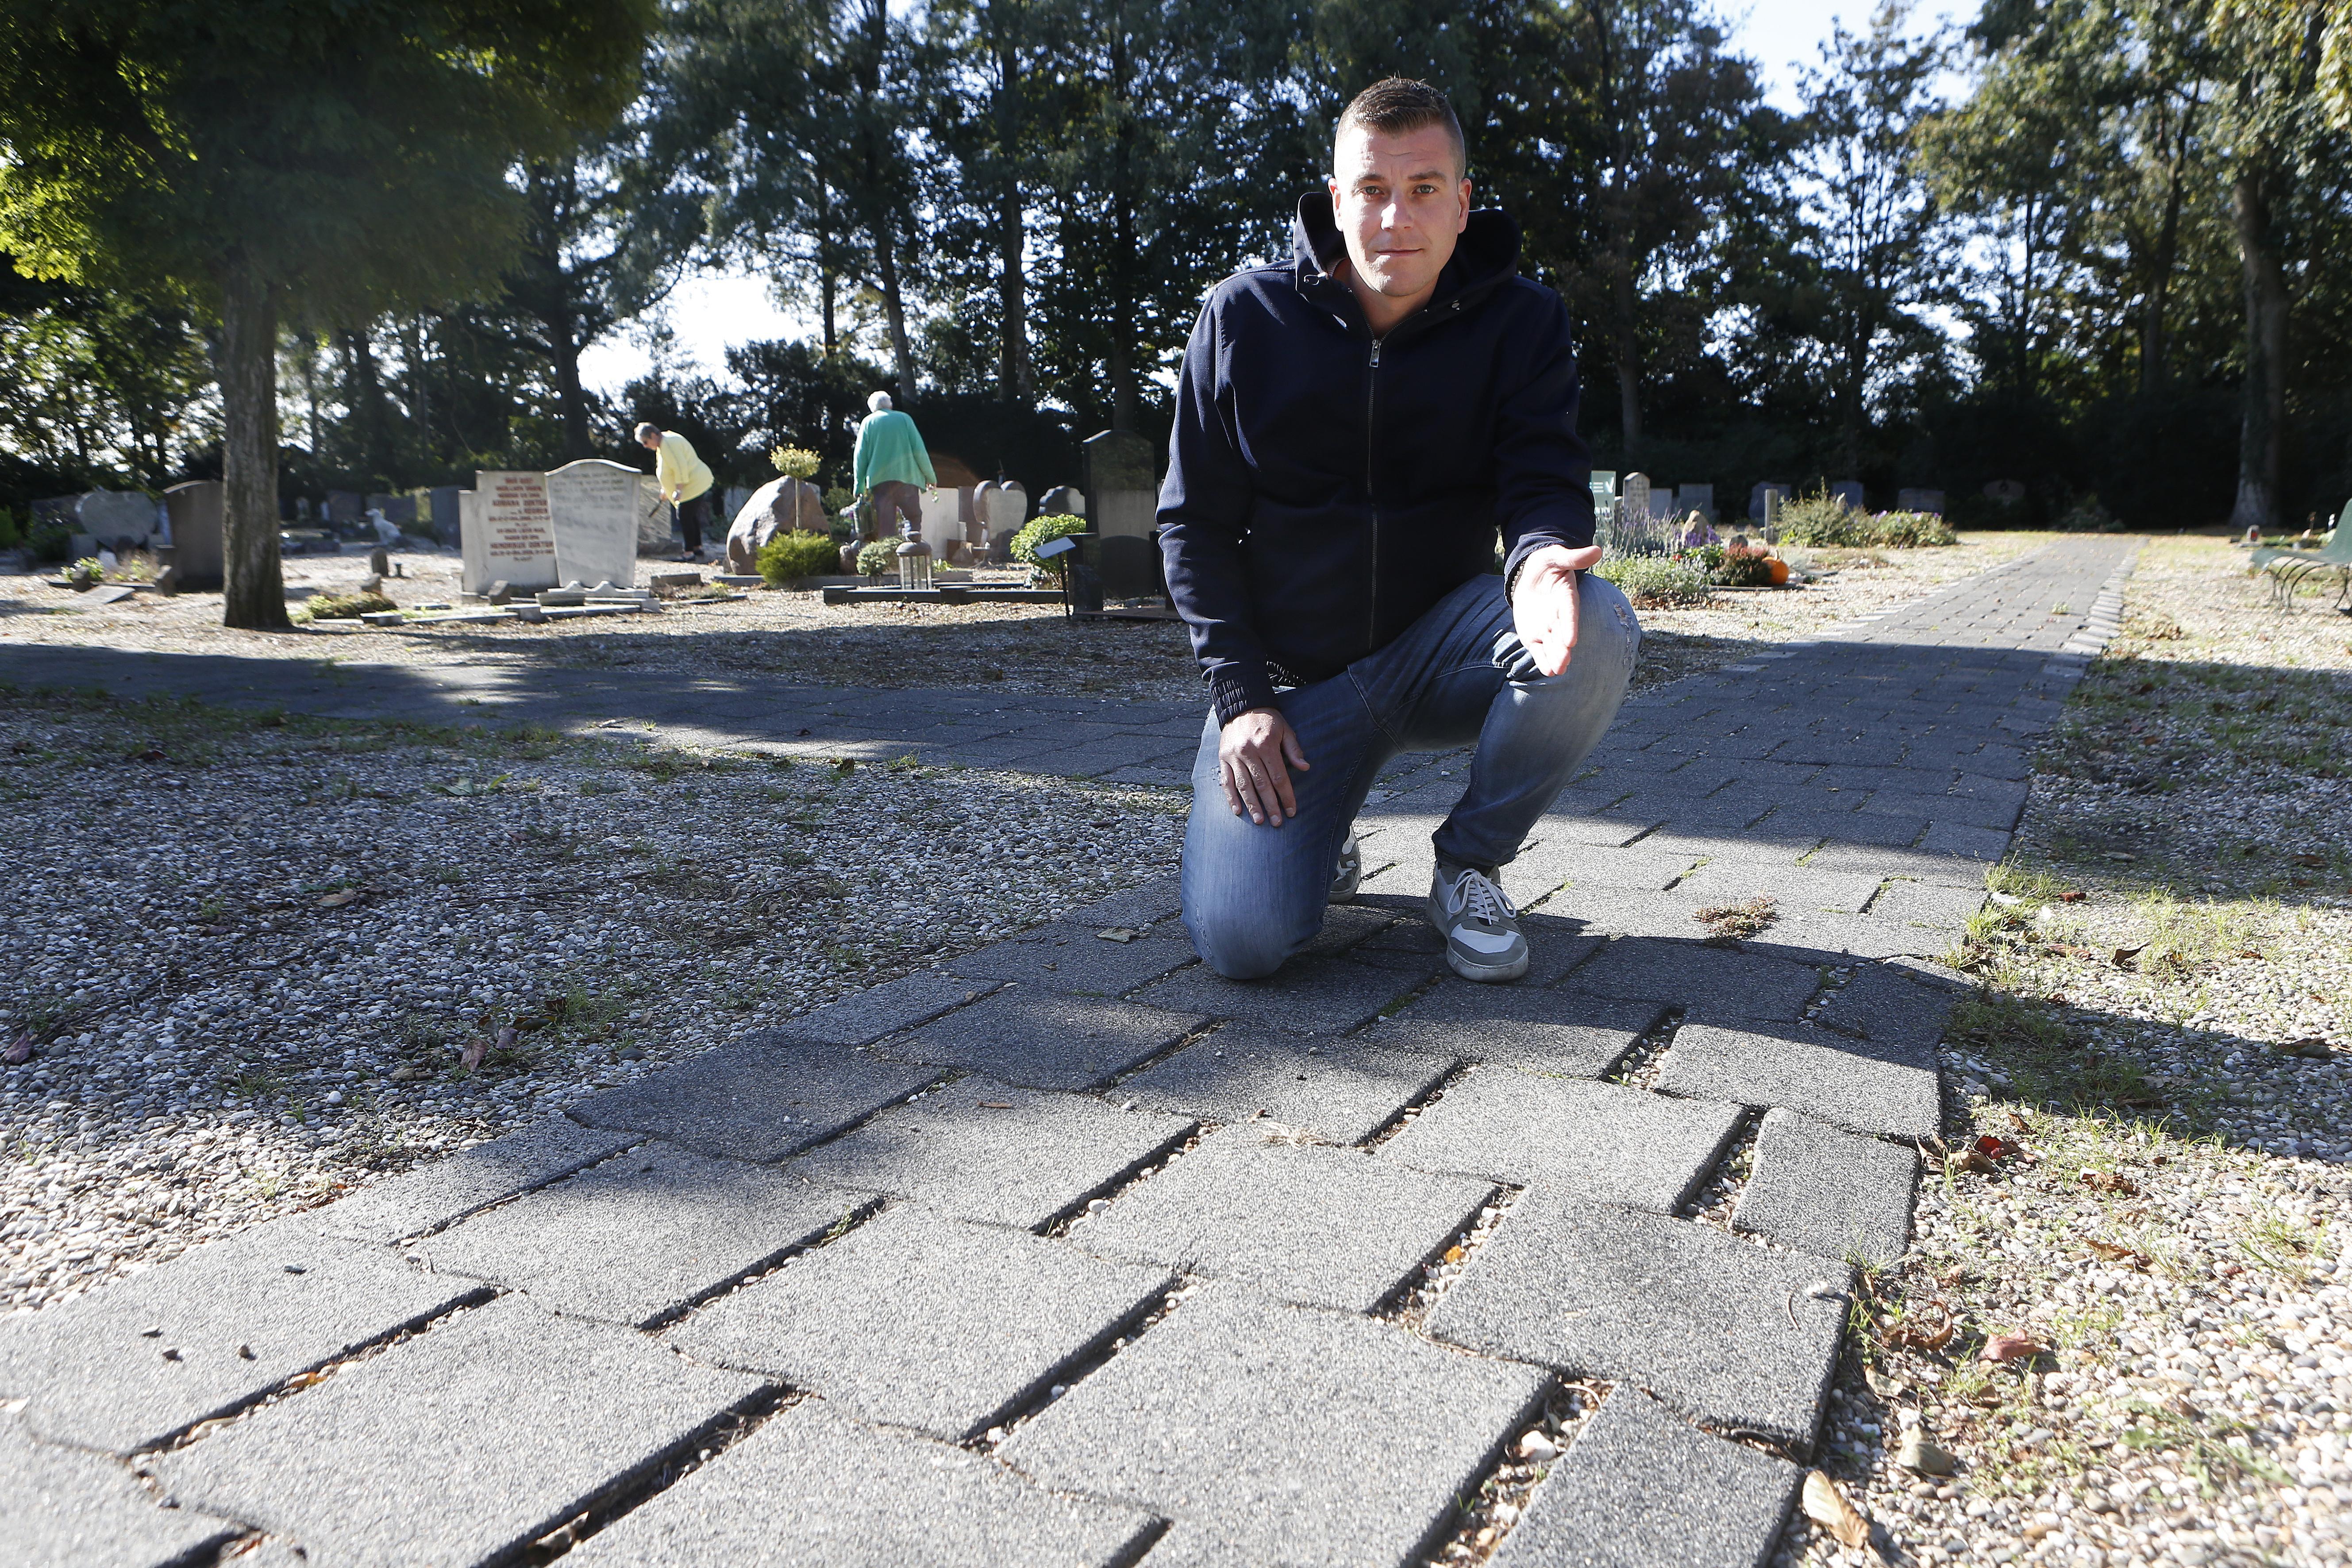 Klachtenregen over 'rommeltje' op begraafplaats Rading in Nieuw-Loosdrecht